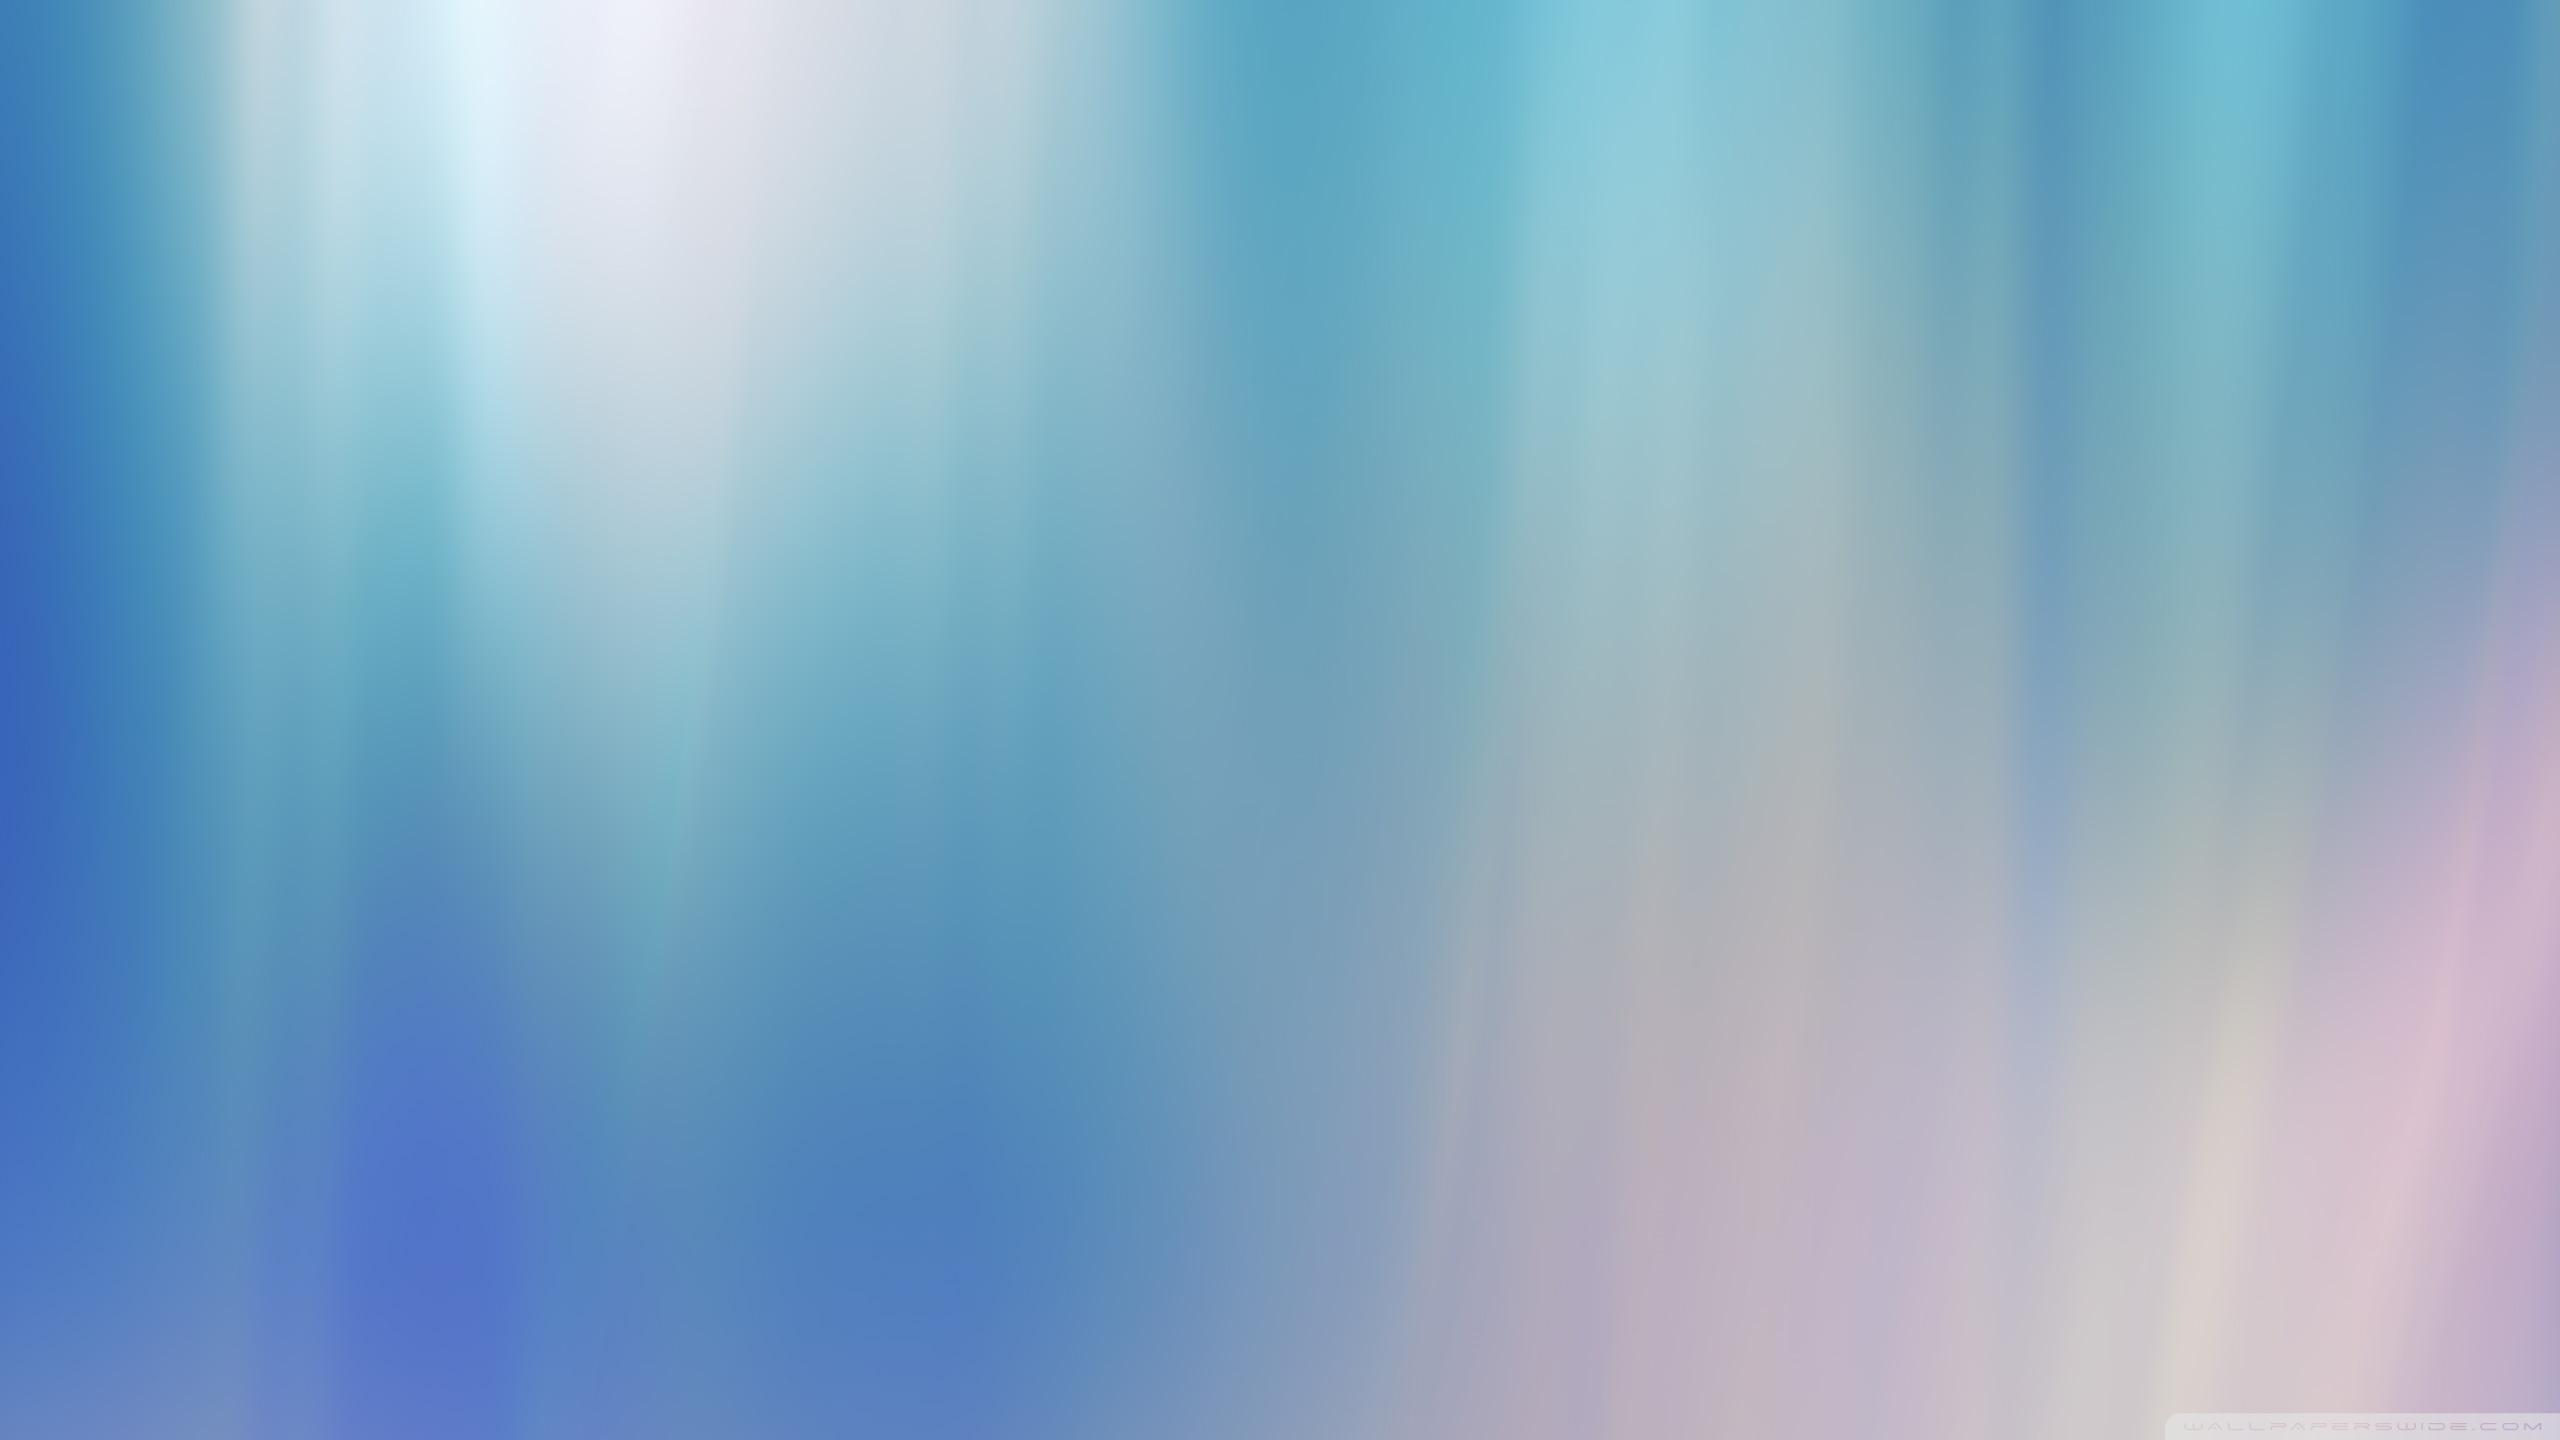 Light Blue Background wallpaper 2560x1440 82318 2560x1440